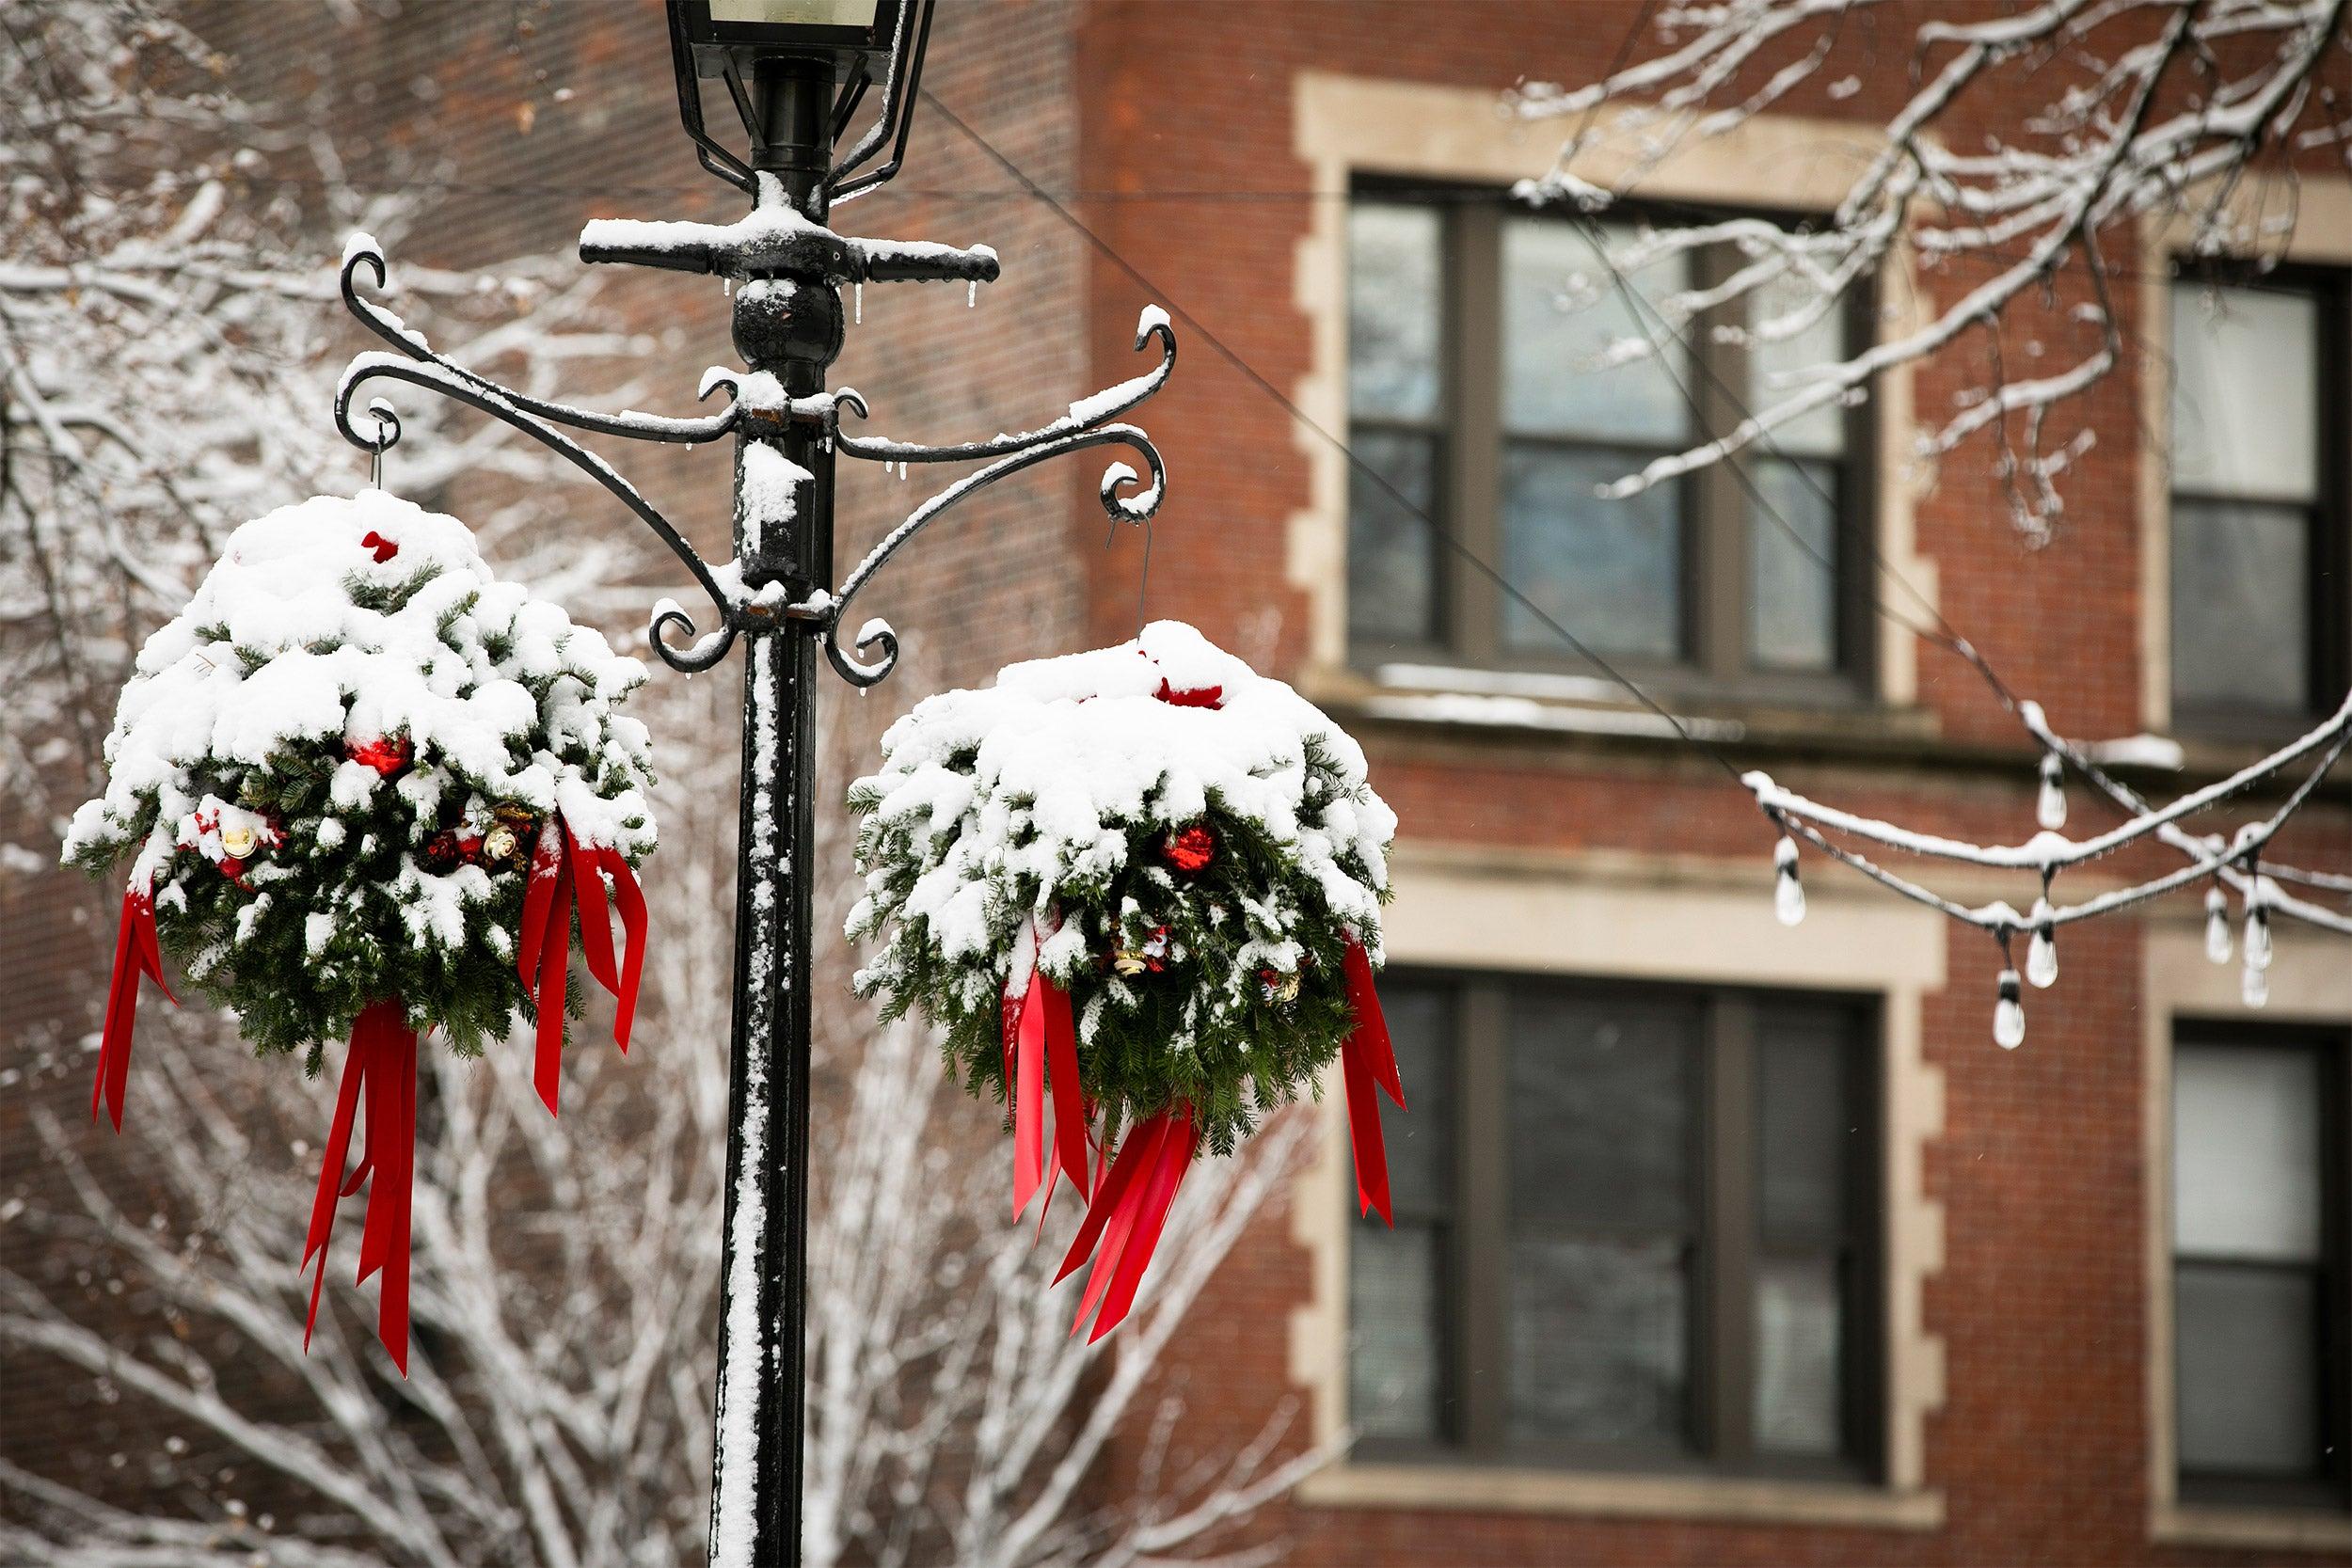 Snow on wreaths.